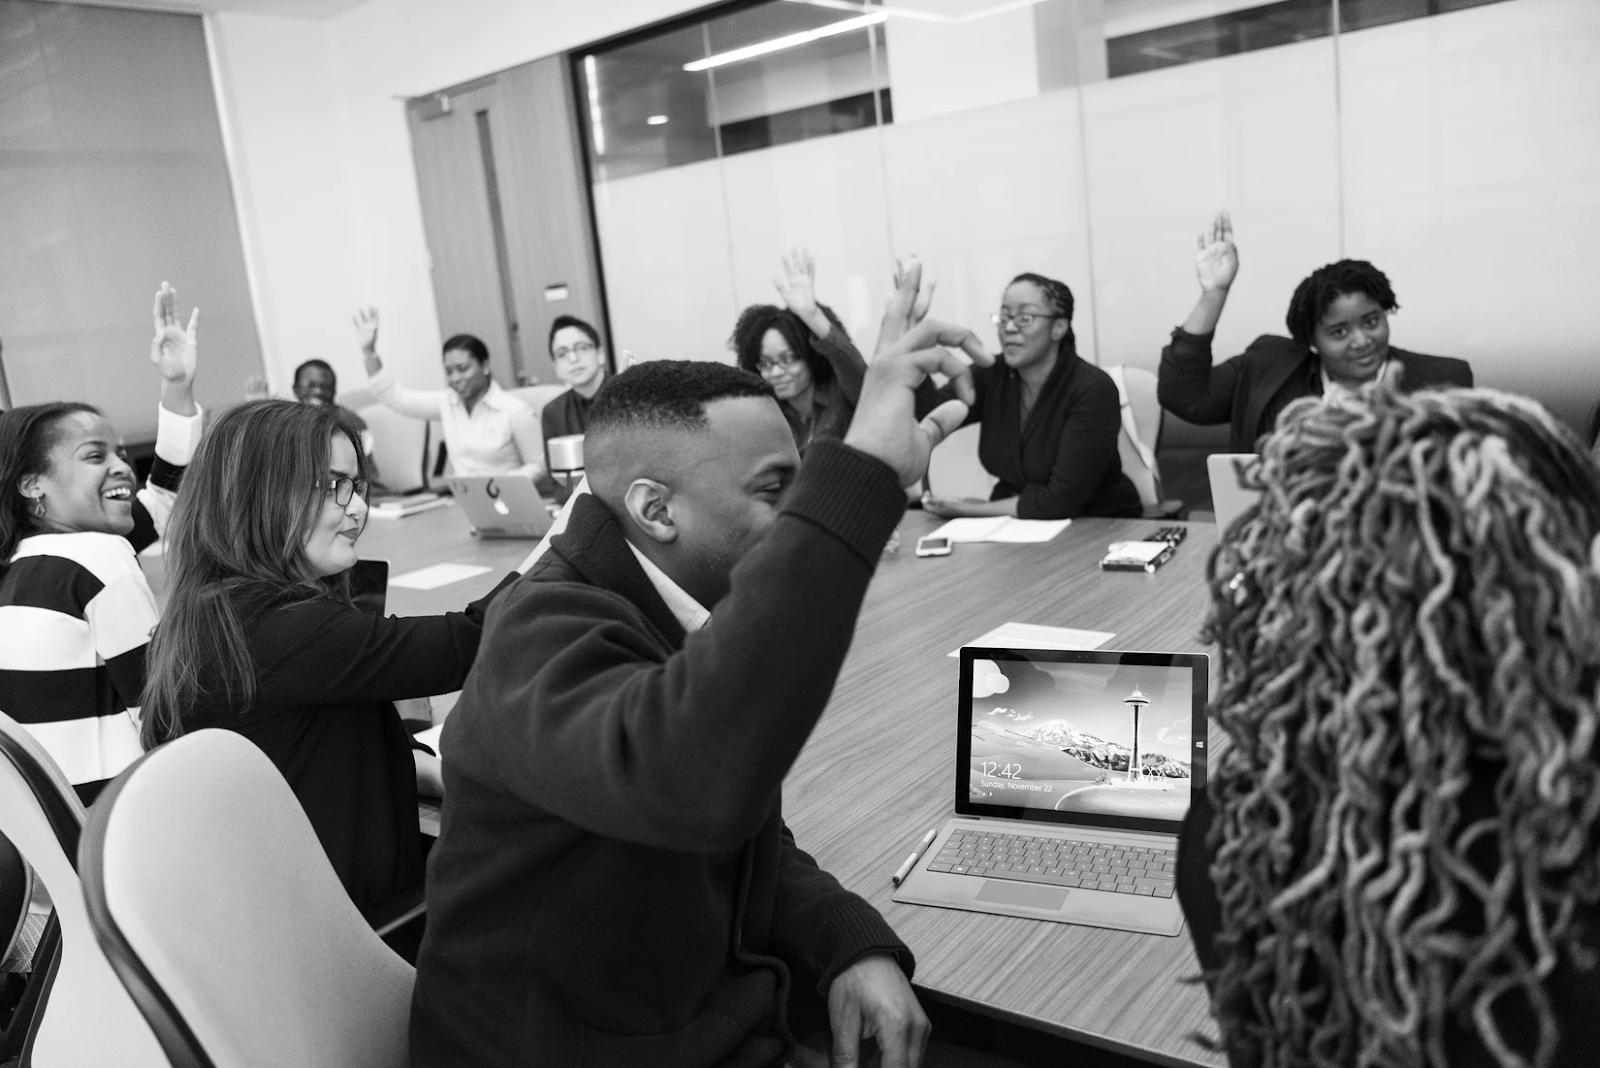 Votación a mano alzada en una reunión de trabajo